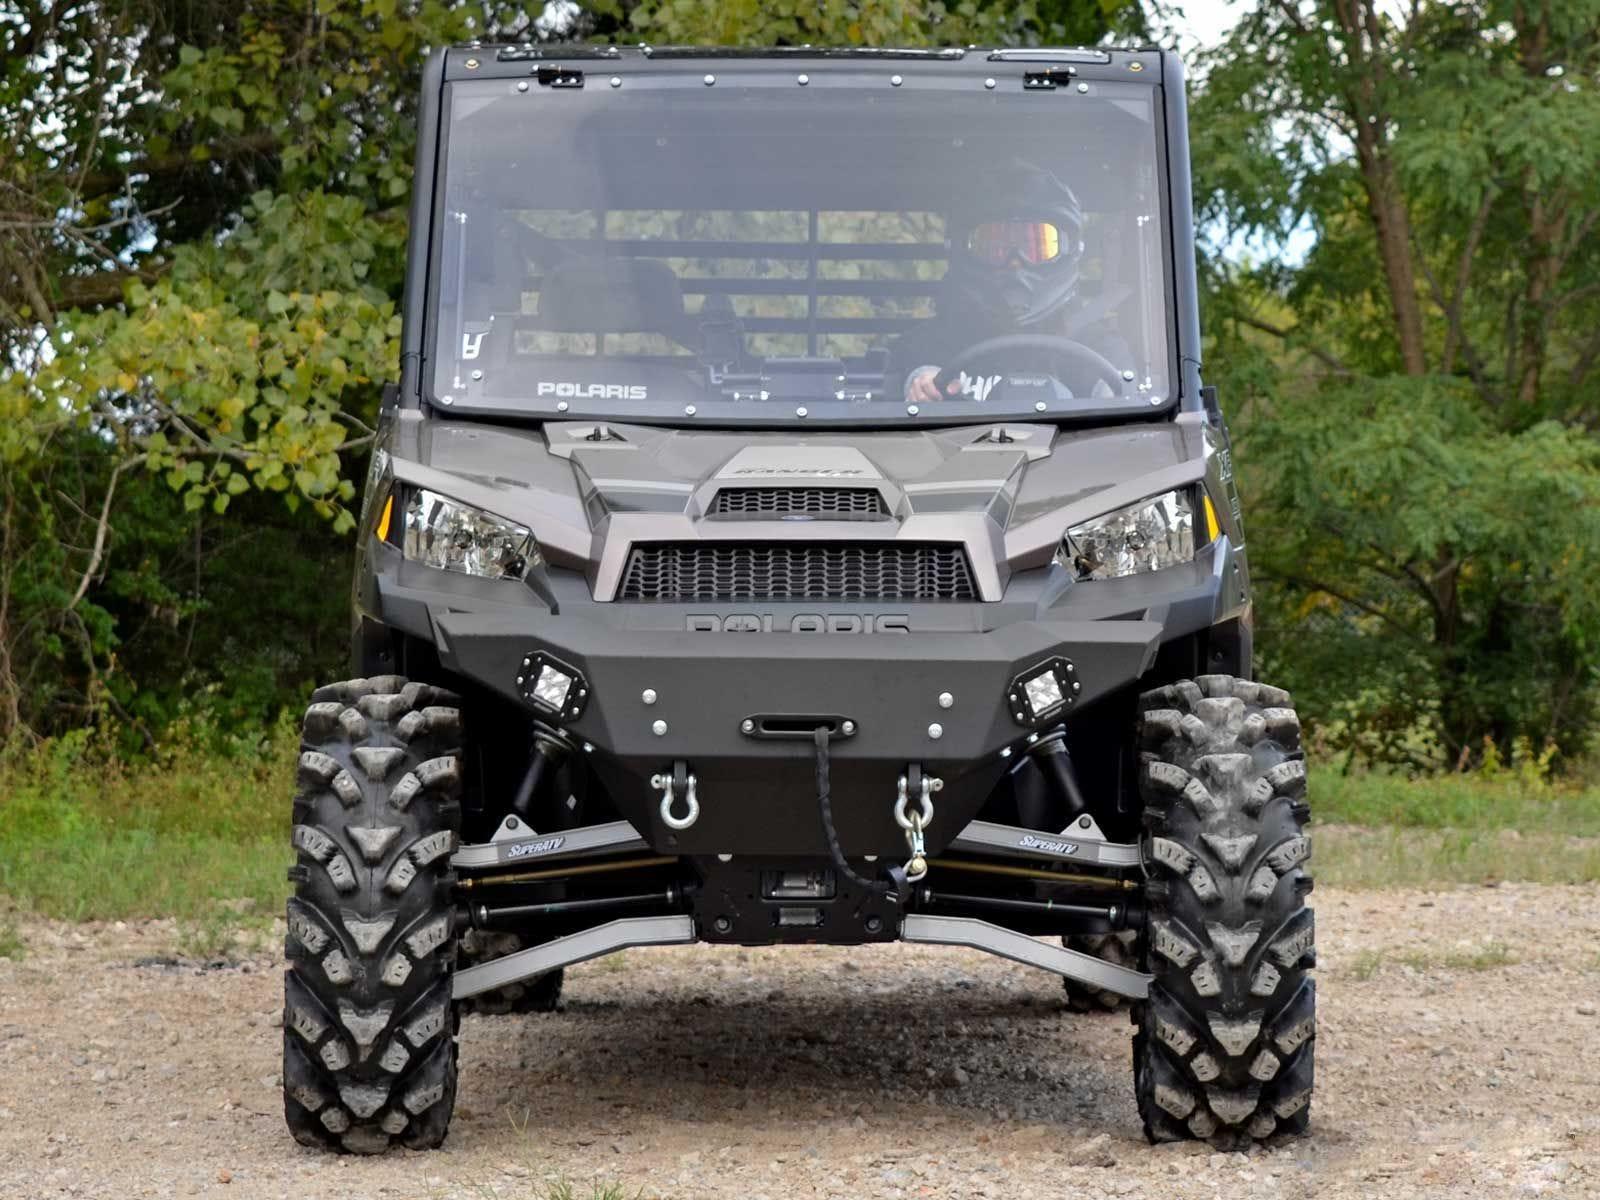 3 Inch Lift Kit >> 3 Inch Lift Kit For Ranger Xp 900 By Super Atv